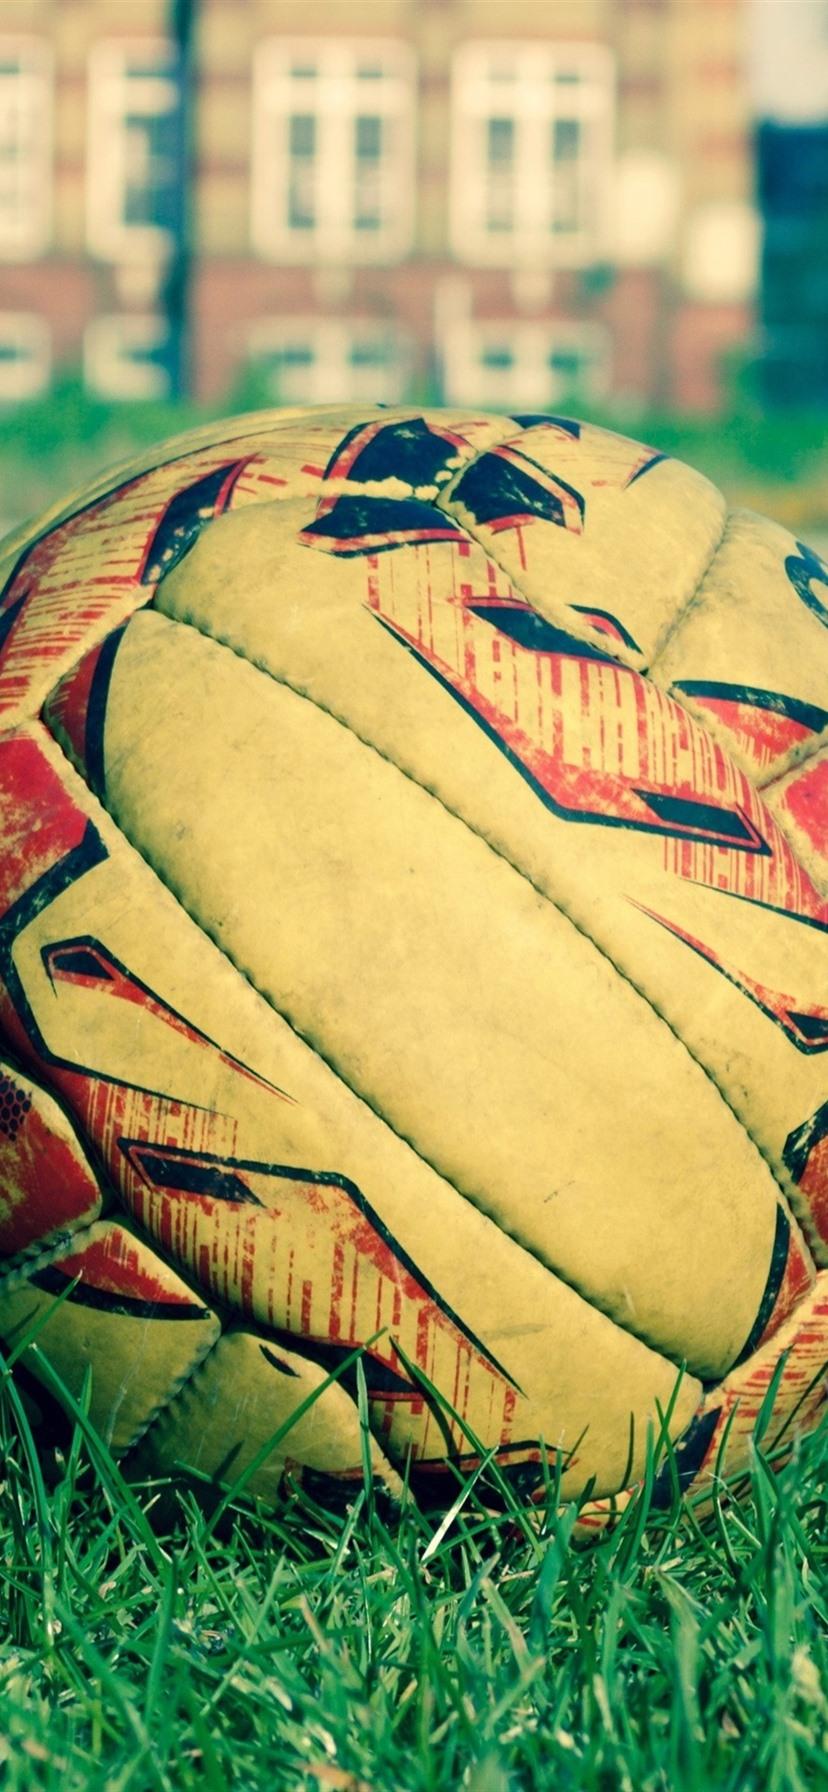 Soccer Ball Grass 1080x1920 Iphone 8 7 6 6s Plus Wallpaper